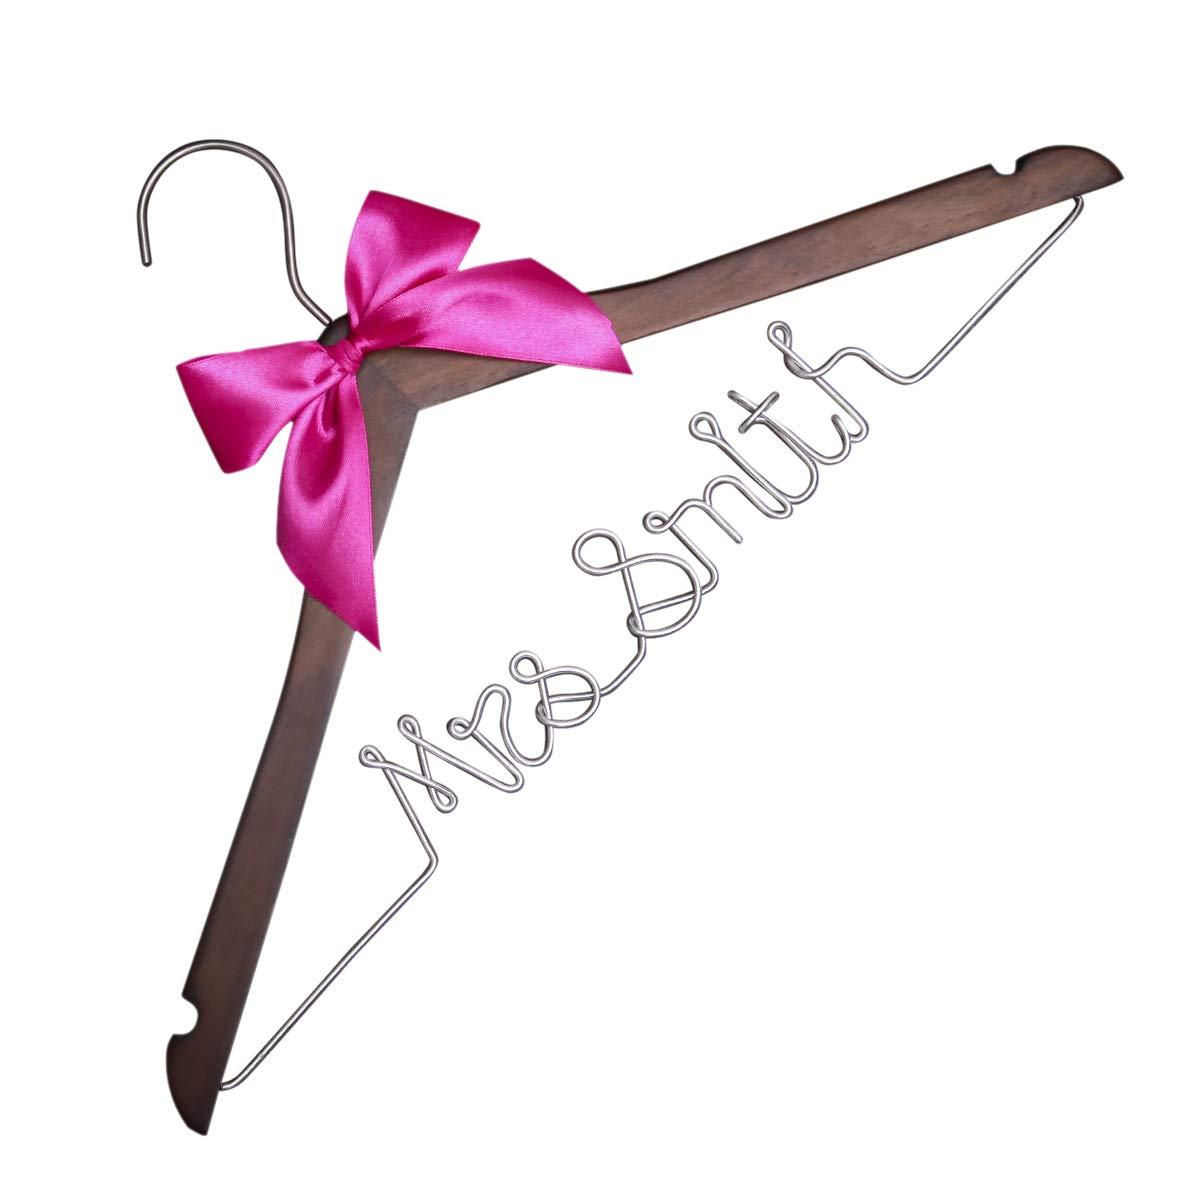 VVFOR Vintage Custom Date Wood Hanger for Bride and Bridesmaid Wedding Dress Hanger Wood Custom Name Date Wire Hanger etnecklace